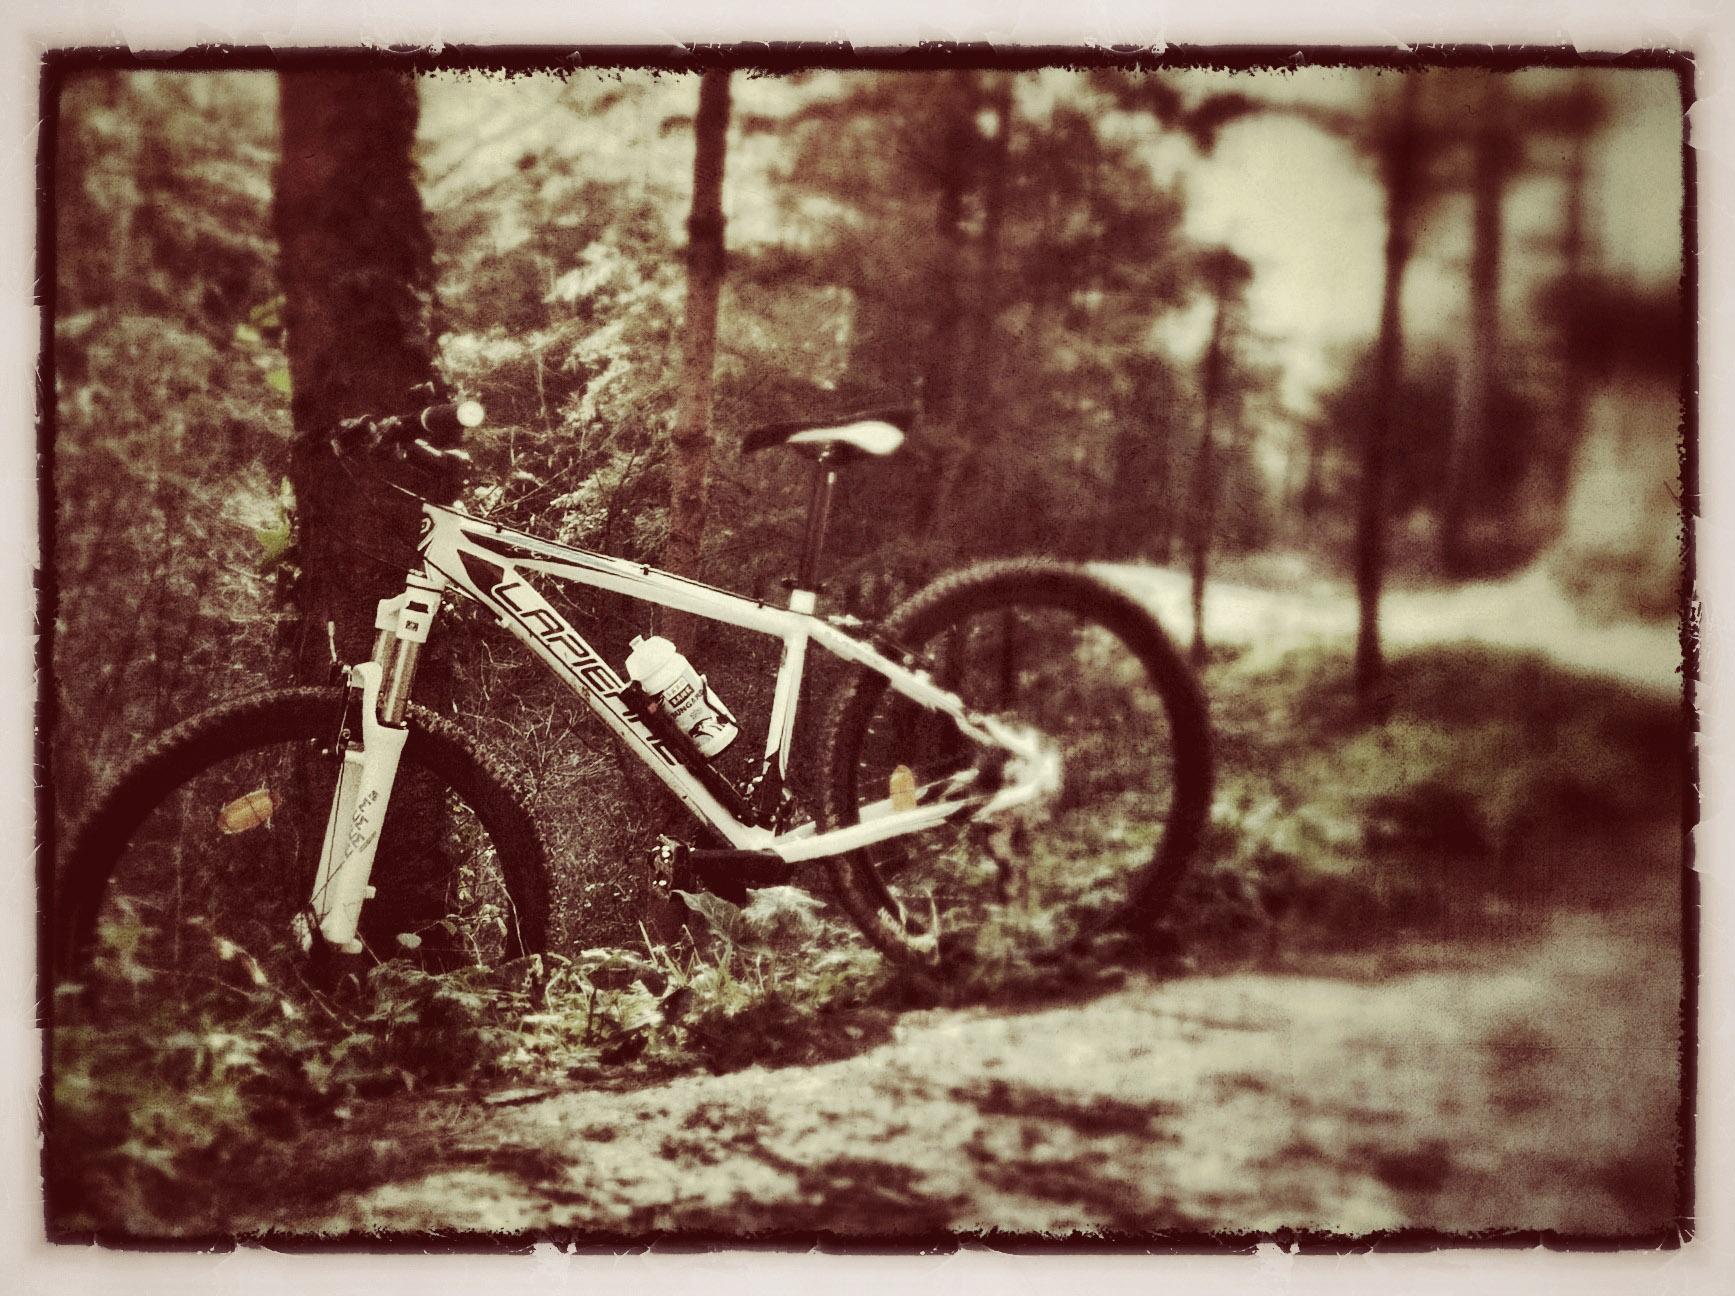 Mountain bike Lapierre Tecnic 100 Lady